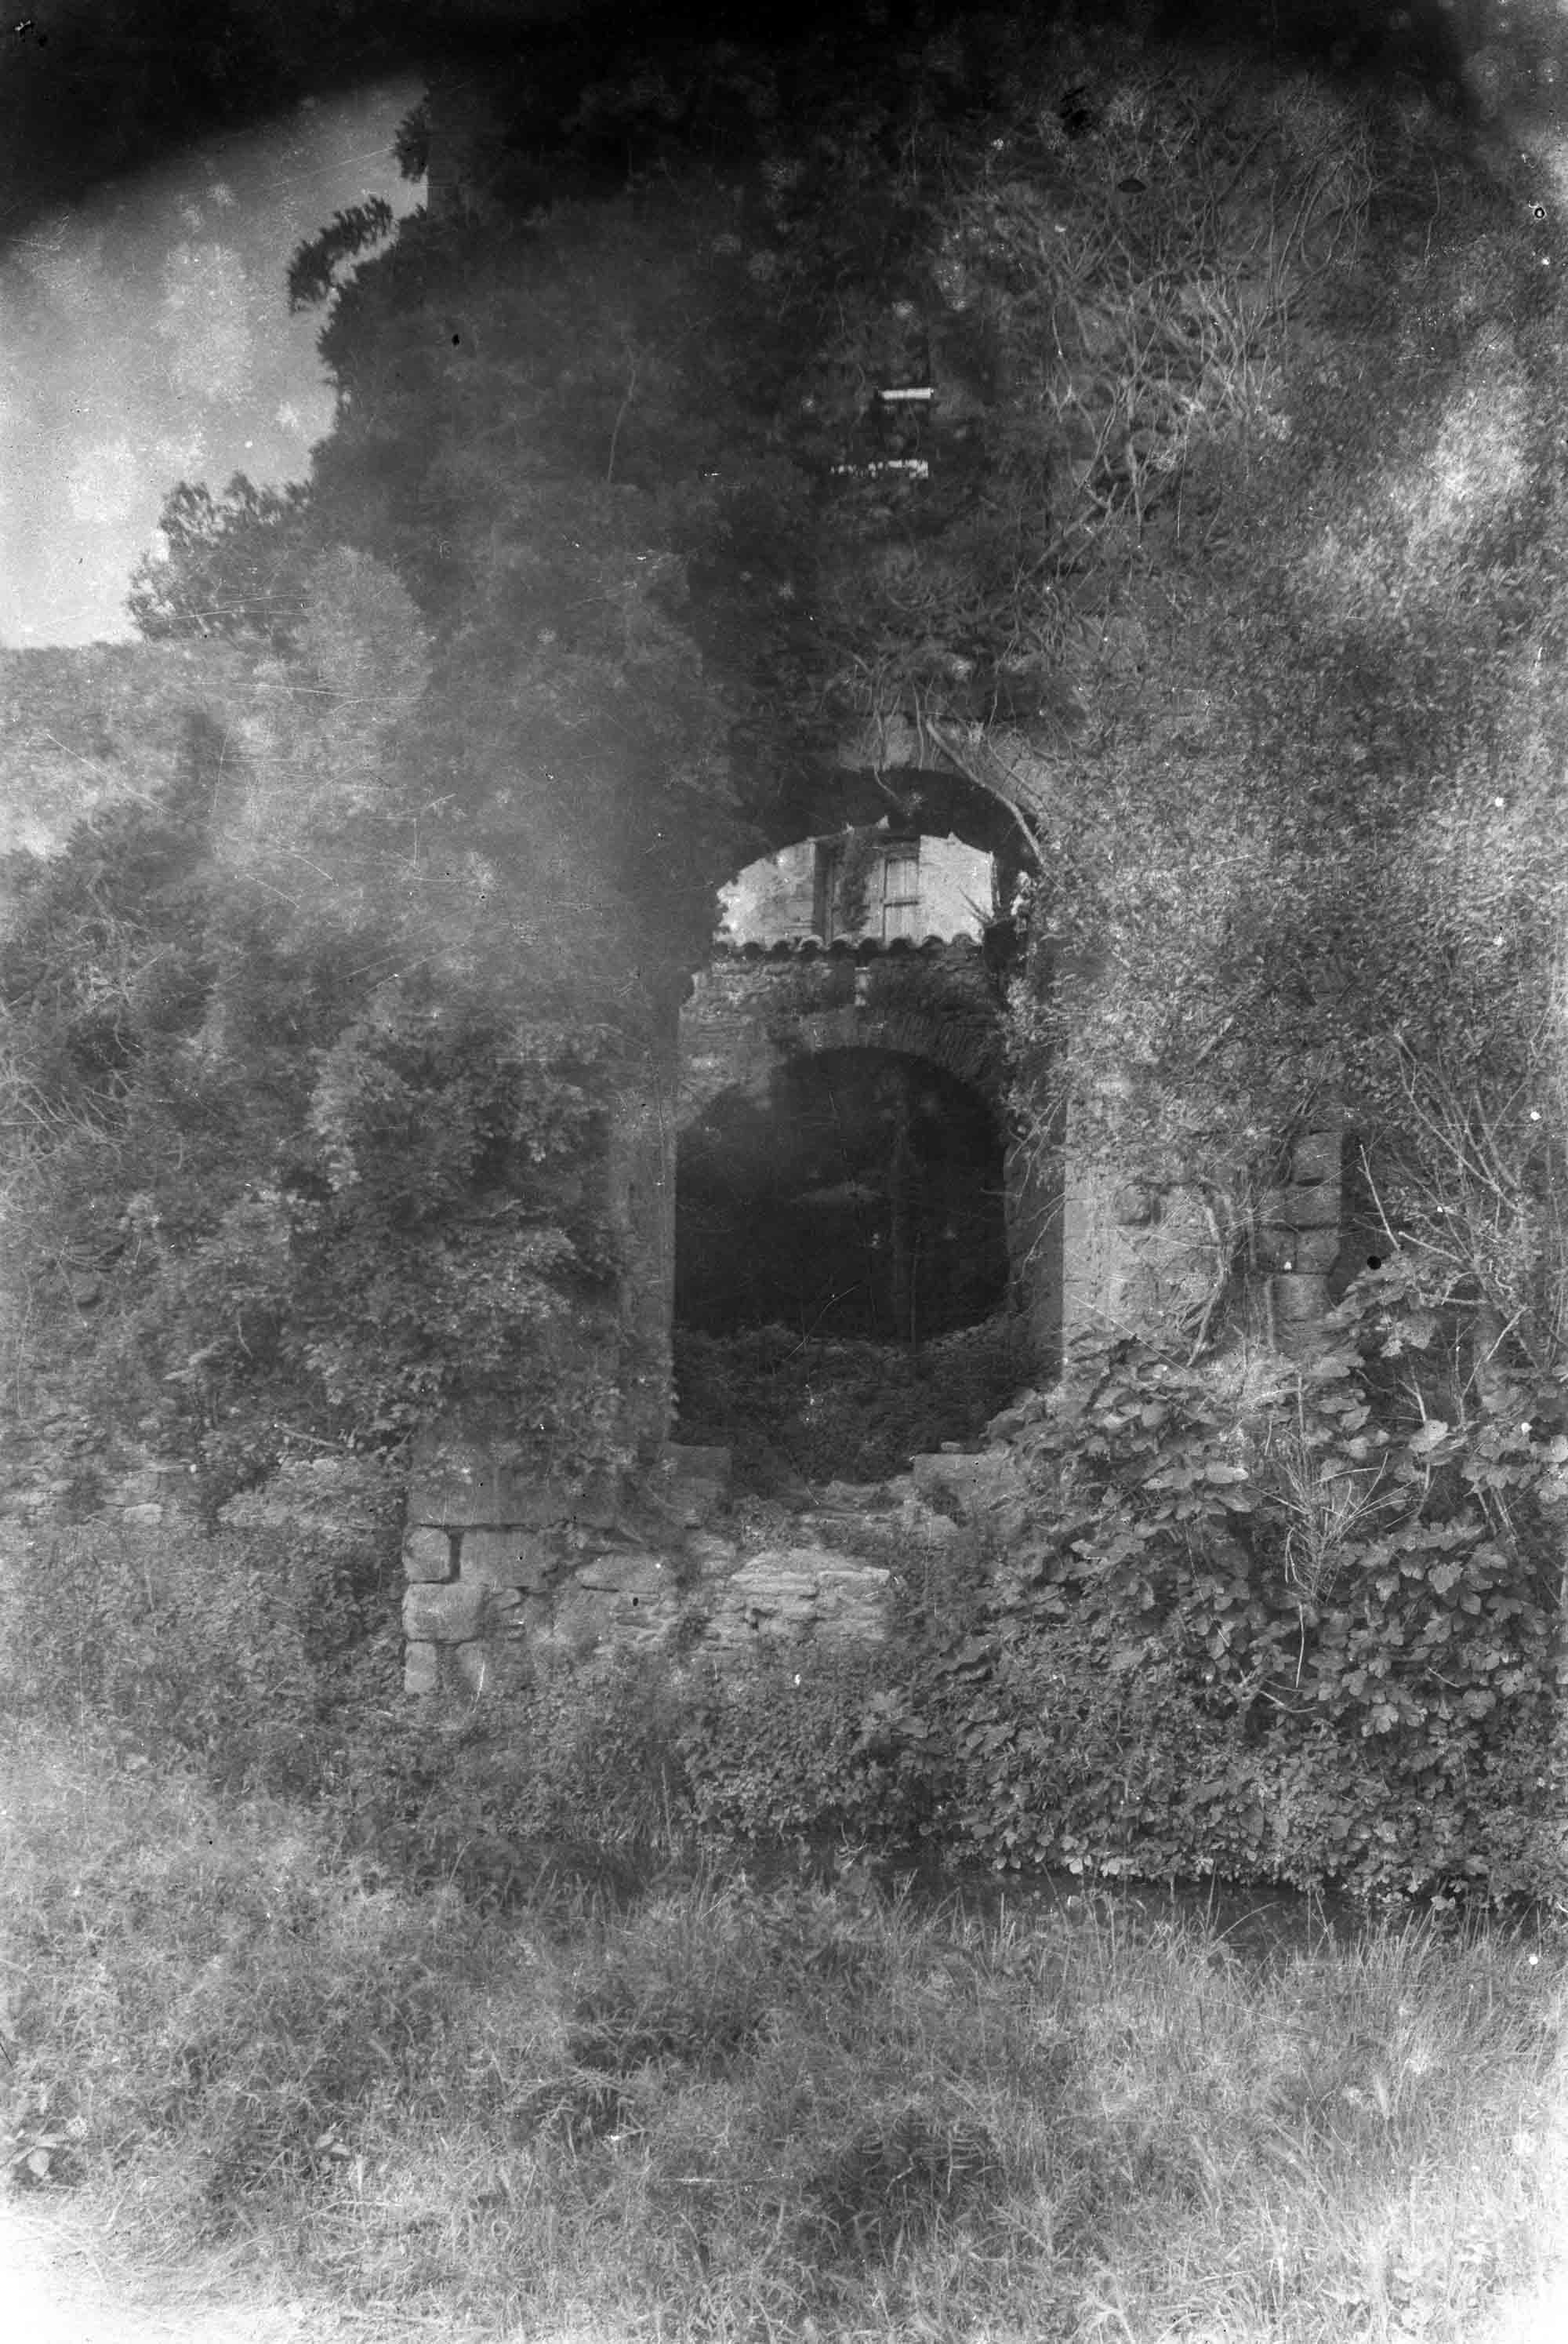 Vista general del Portal de la Gallarda, a Castelló d'Empúries, entre els anys 1942 i 1944 (ACGAX. Fons Sadurní Brunet Pi. Autor: Sadurní Brunet)